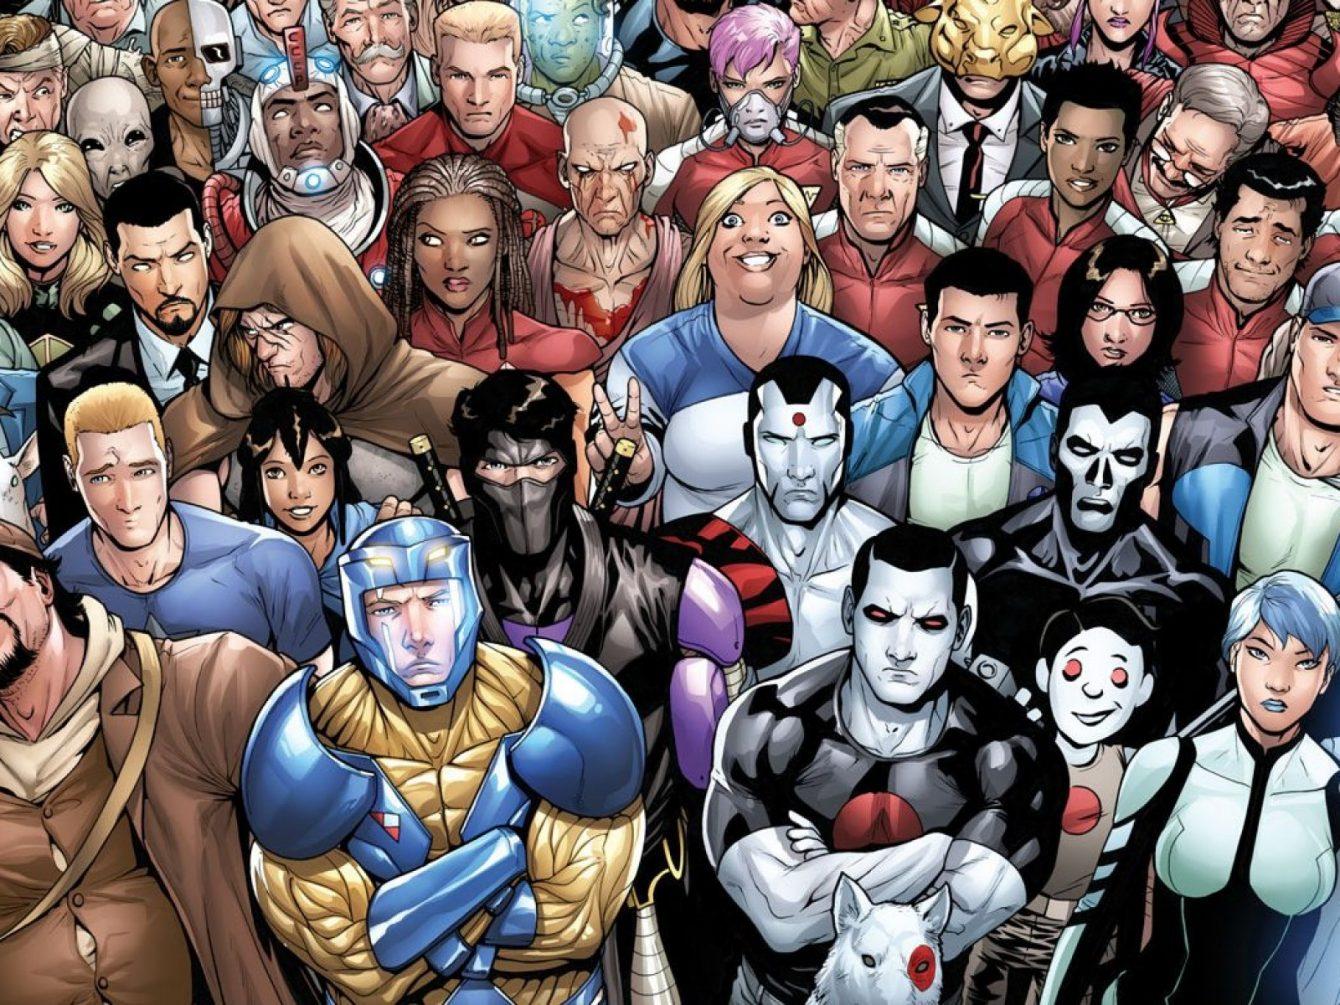 Valiant漫画公司签约授权开发《喋血战士》等游戏